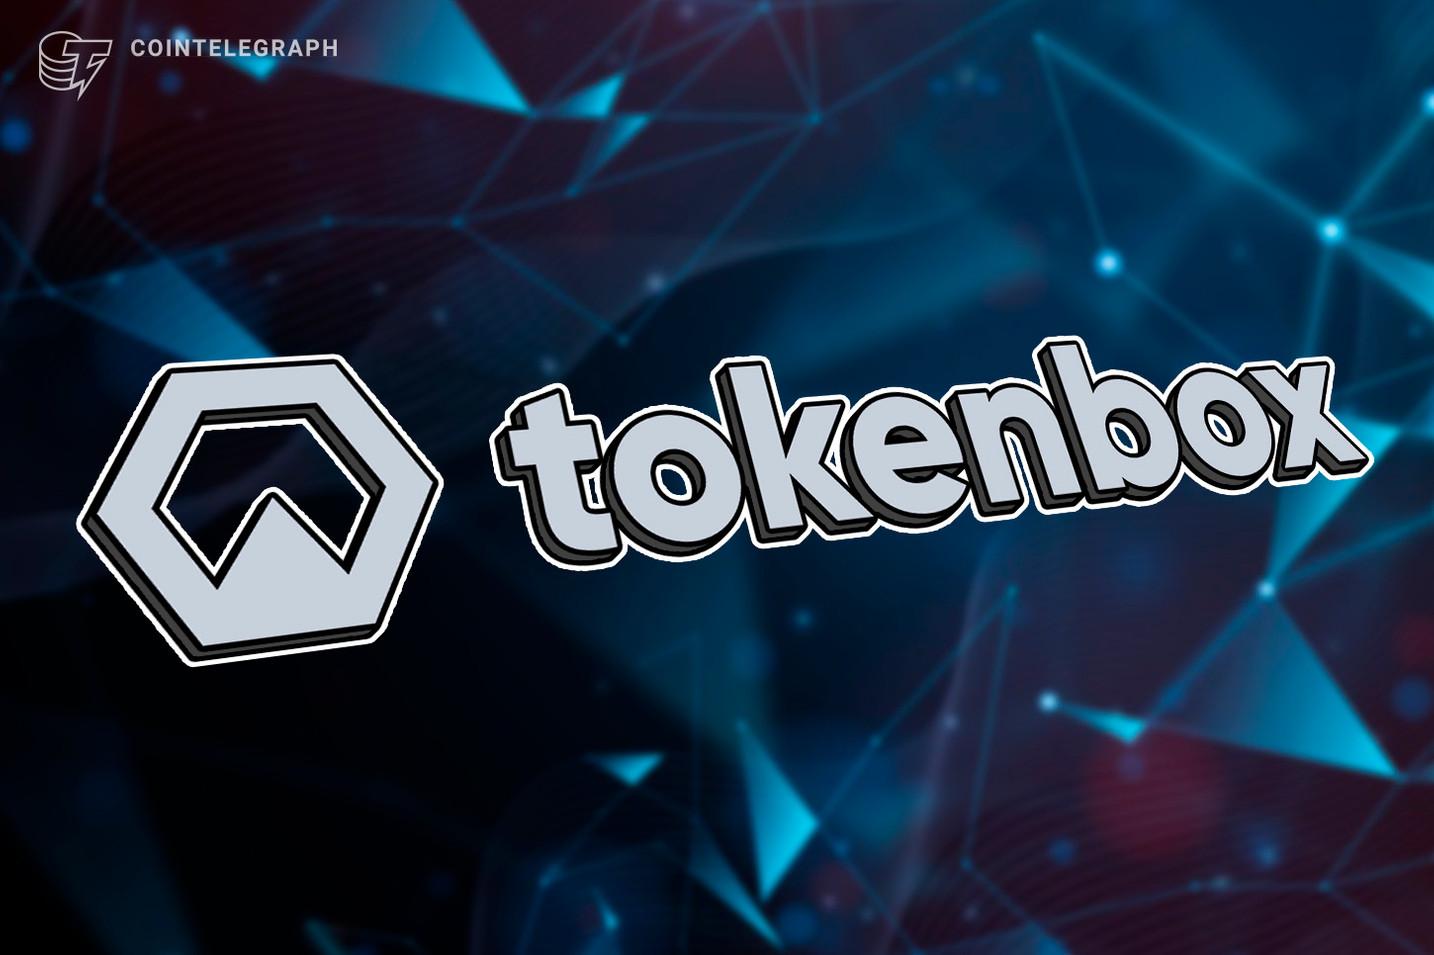 Competição de trading da Tokenbox chega ao fim depois de distribuir 1 milhão de tokens TBX